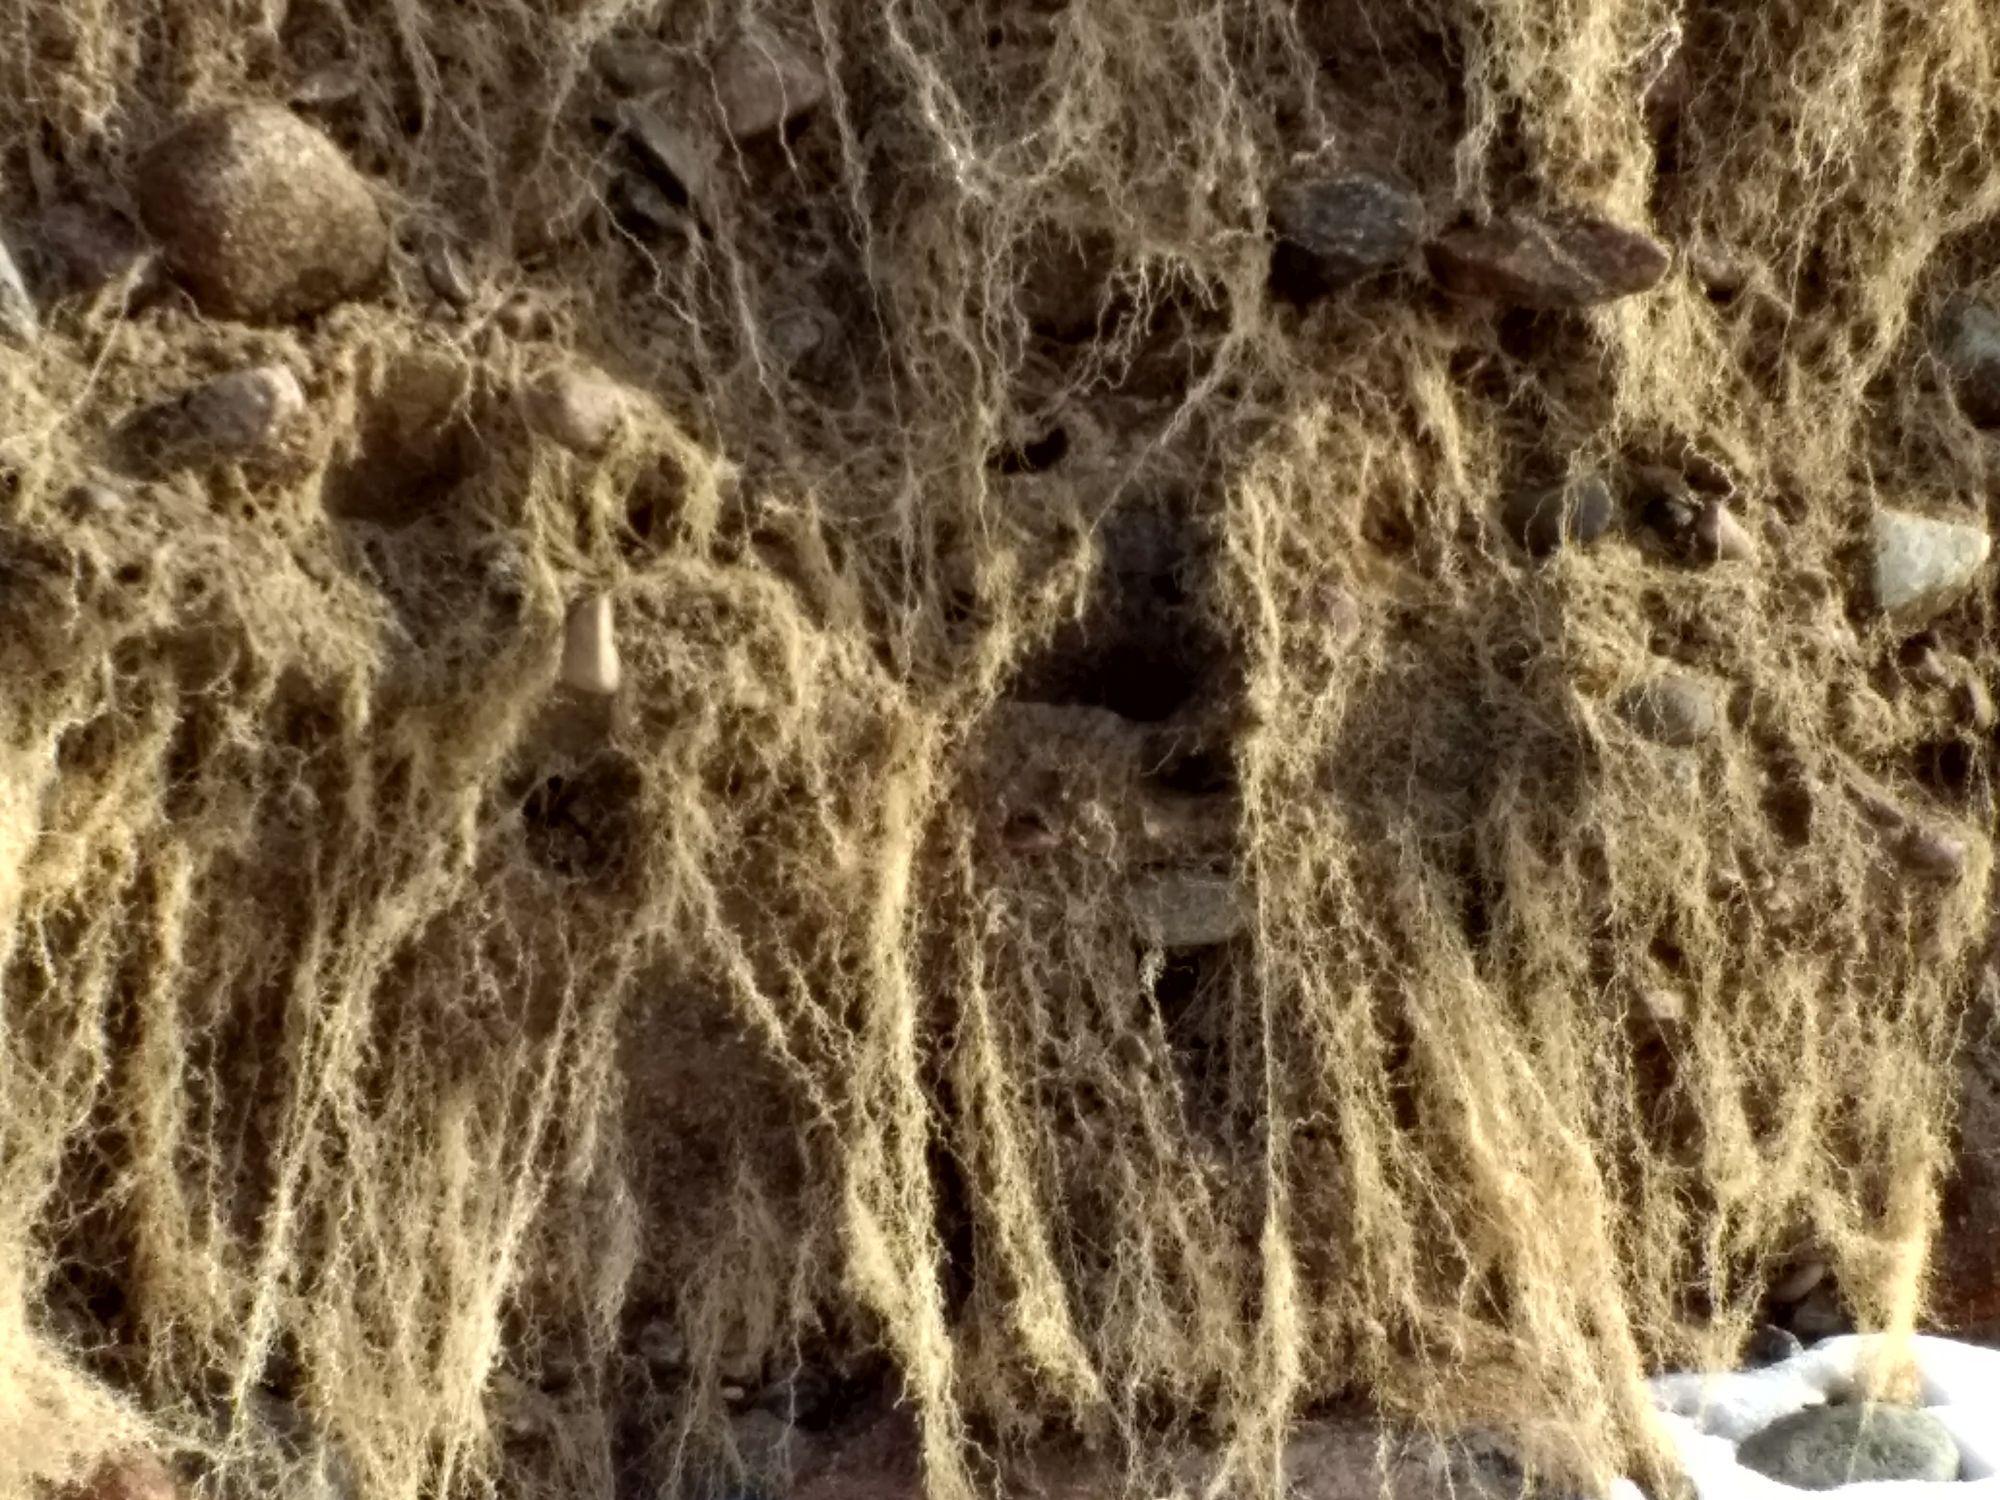 Läänekalda järsak on taimejuurtega tihedasti läbipõimitud. Foto: Kadri Aller.